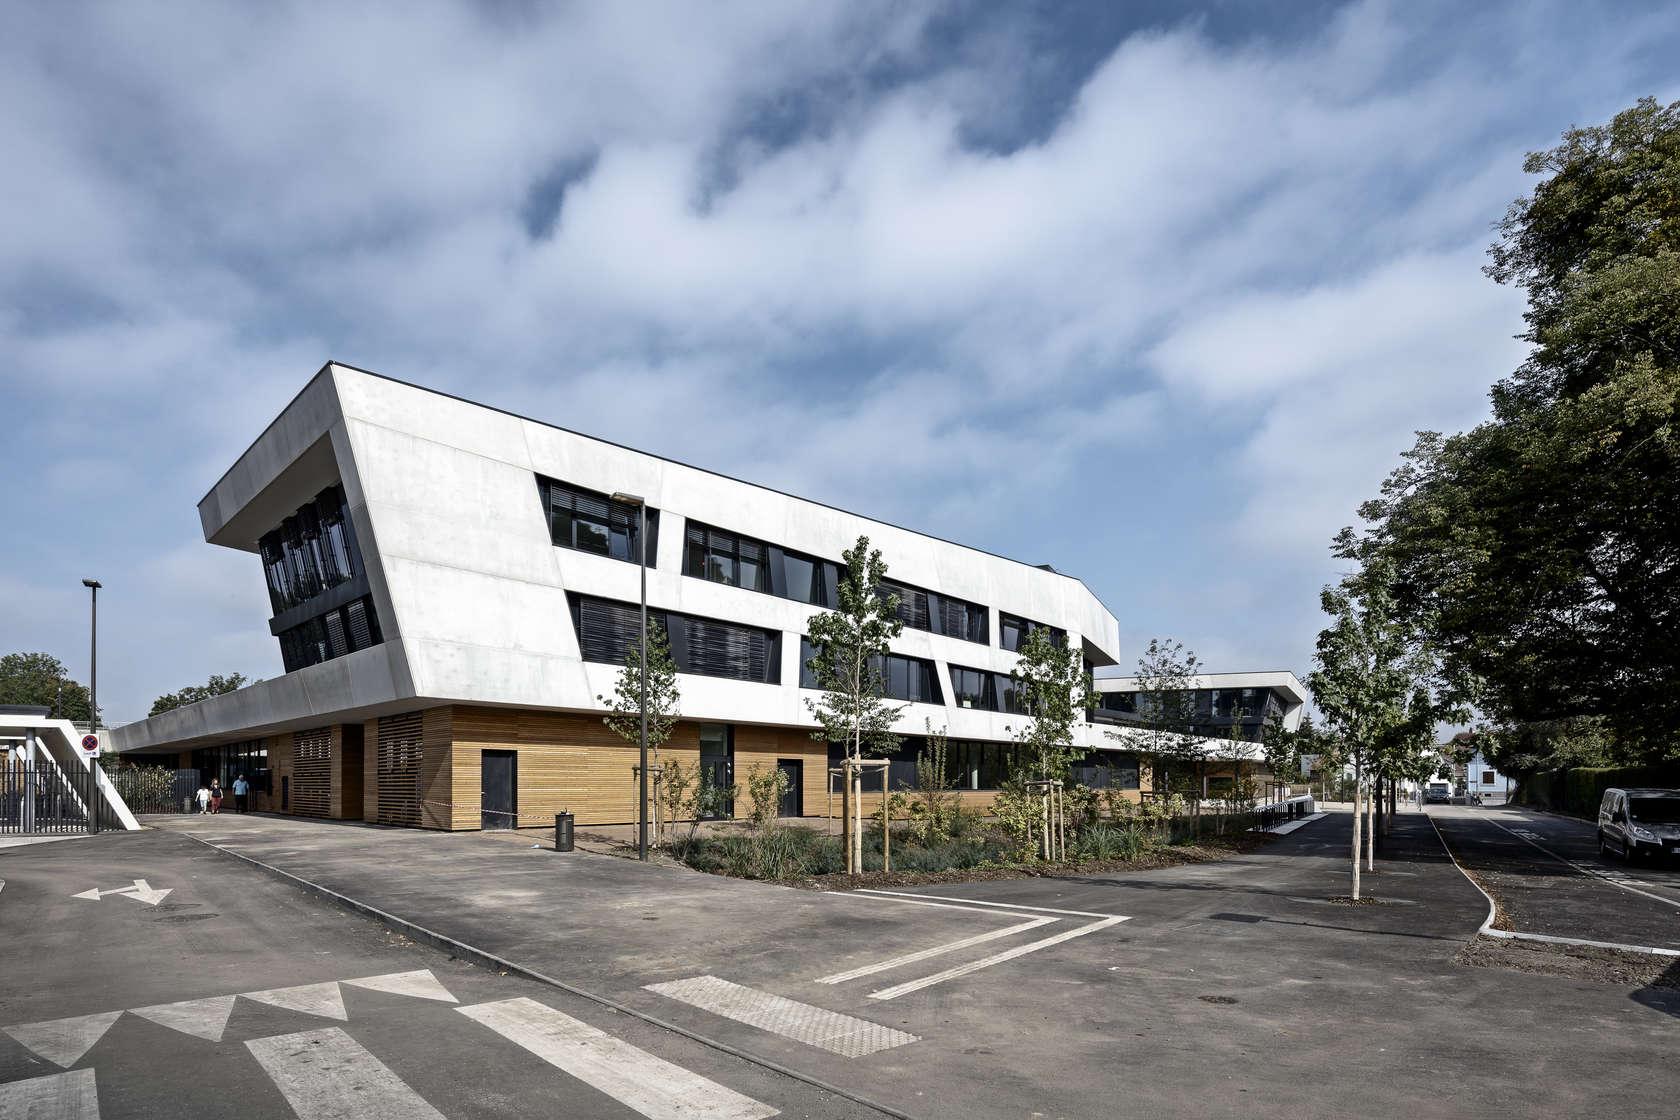 European school strasbourg architizer for K architecture strasbourg